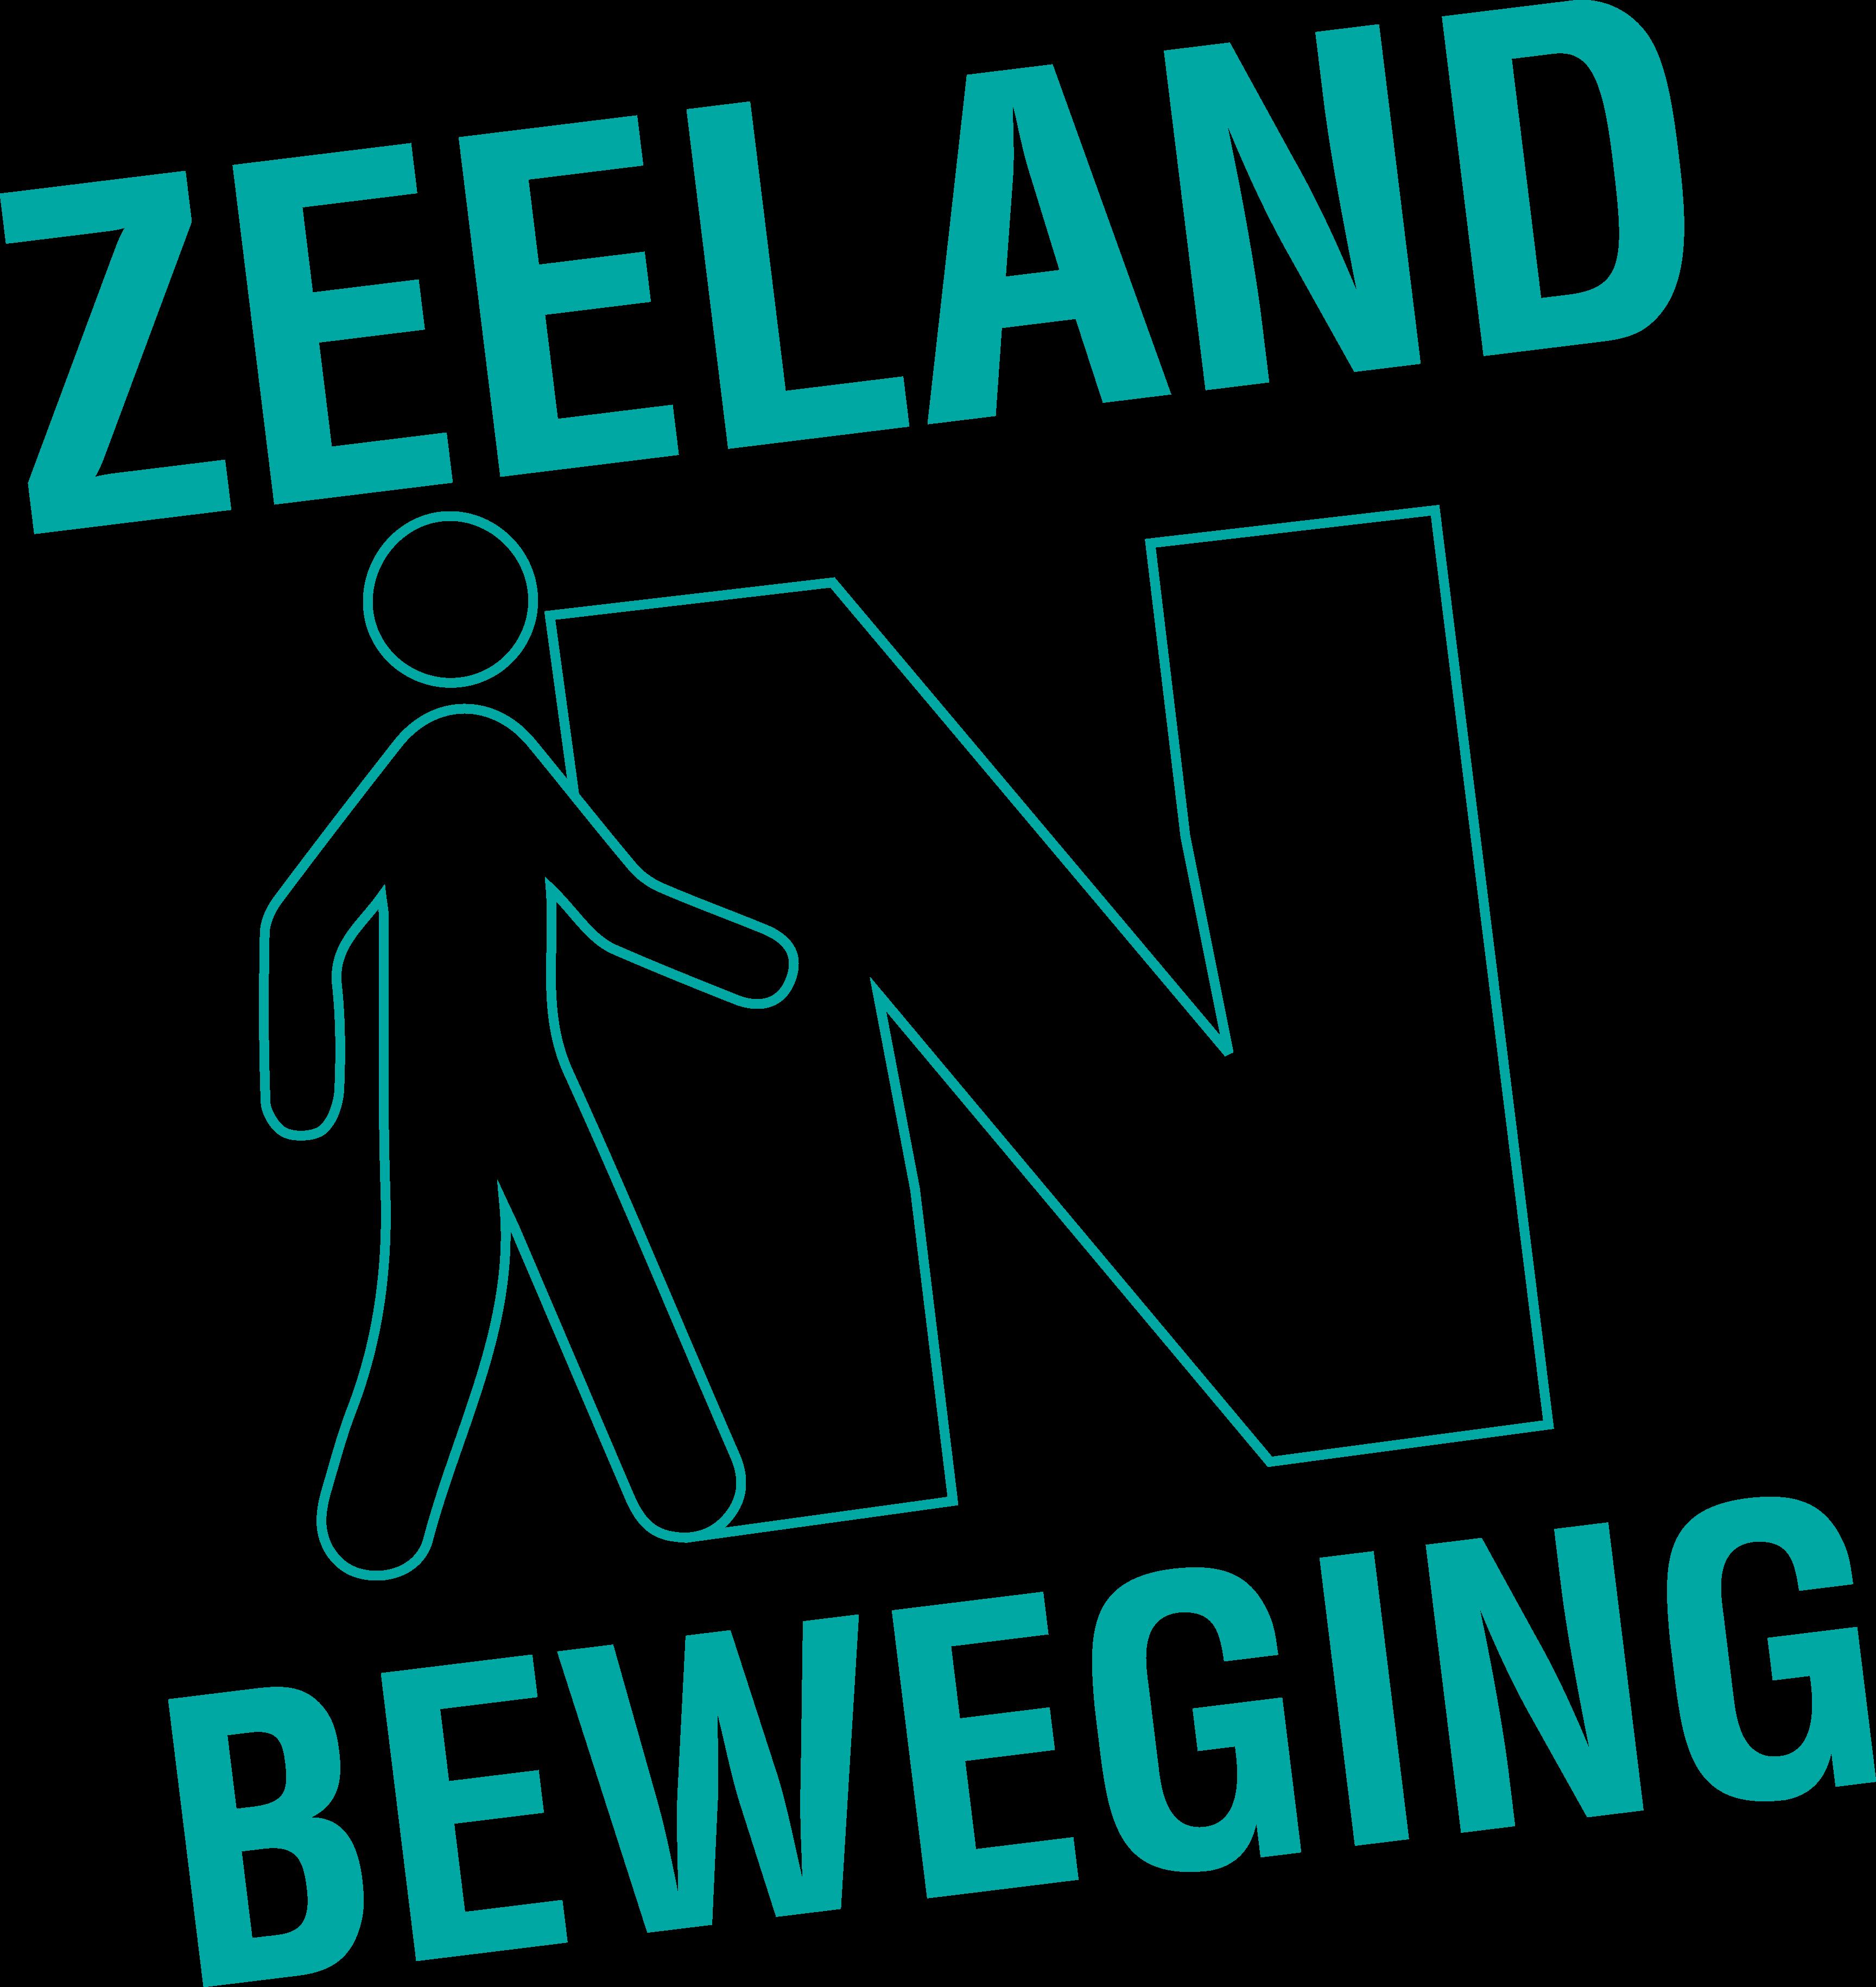 Stichting Zeeland in Beweging